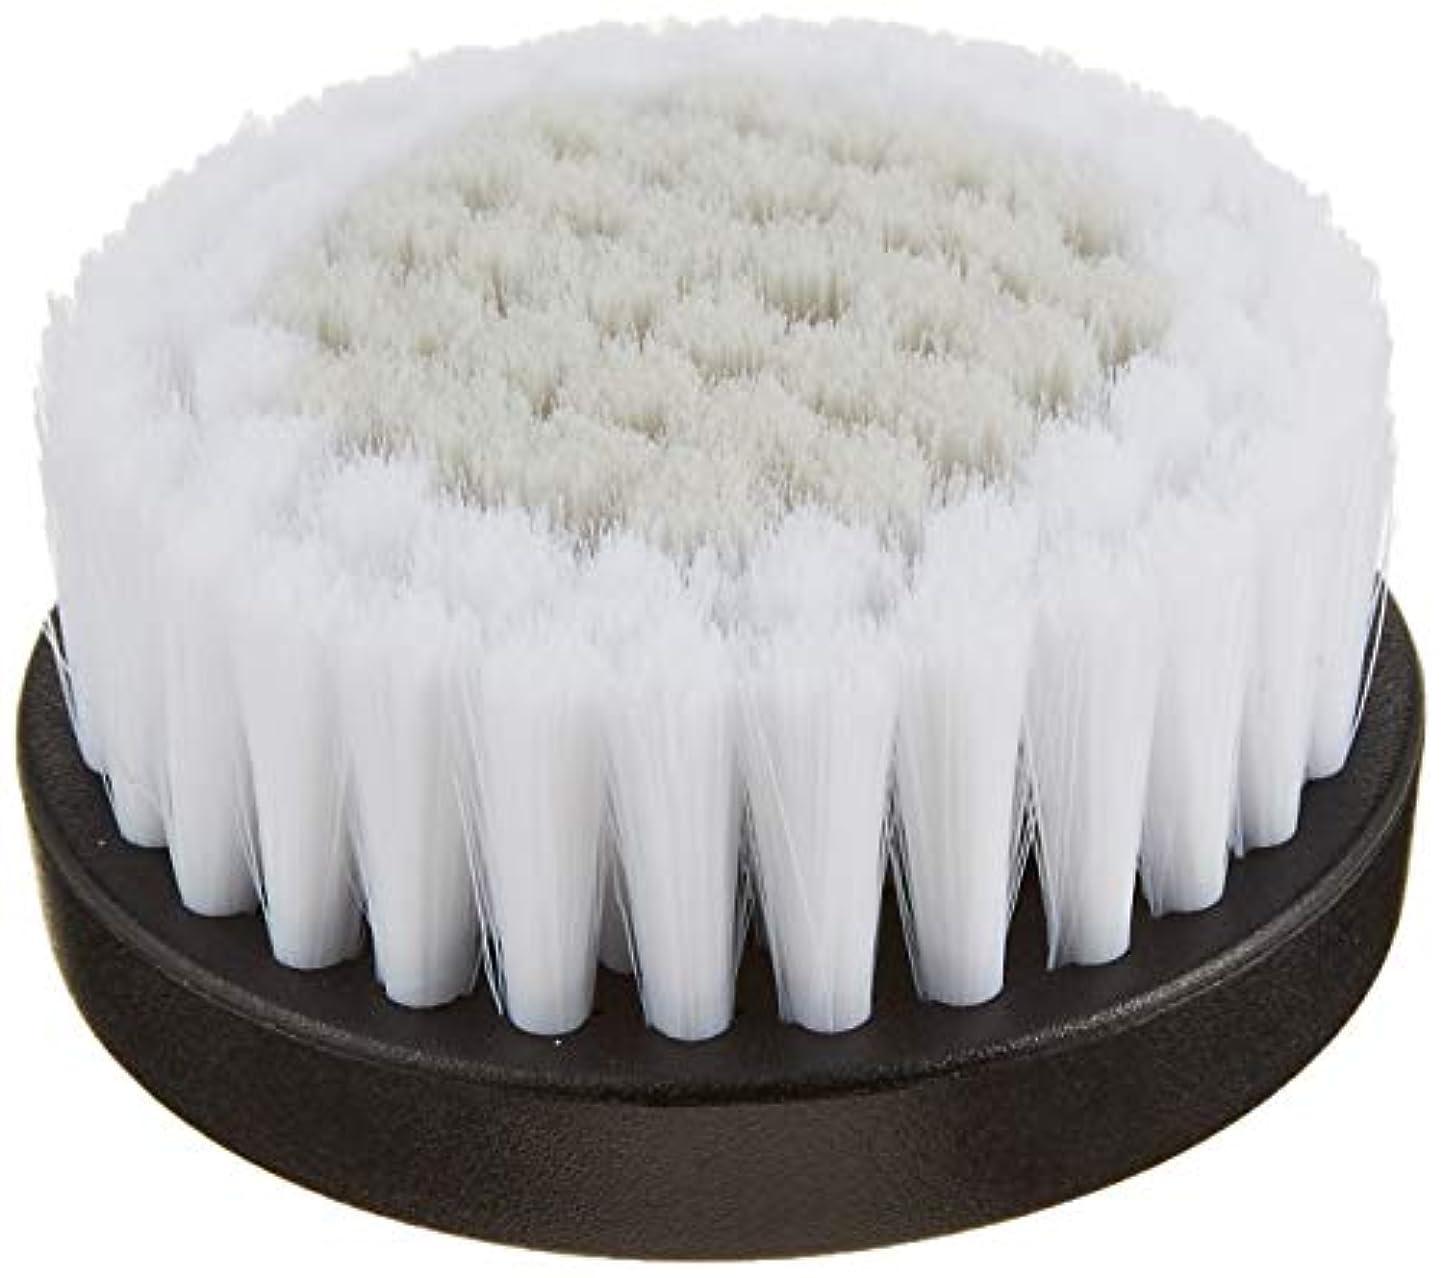 抗生物質反毒メディカルフィリップス 洗顔ブラシ 【フィリップス シェーバー センソタッチ3D2D/クリック&スタイルシリーズ用】1個入り RQ560/51